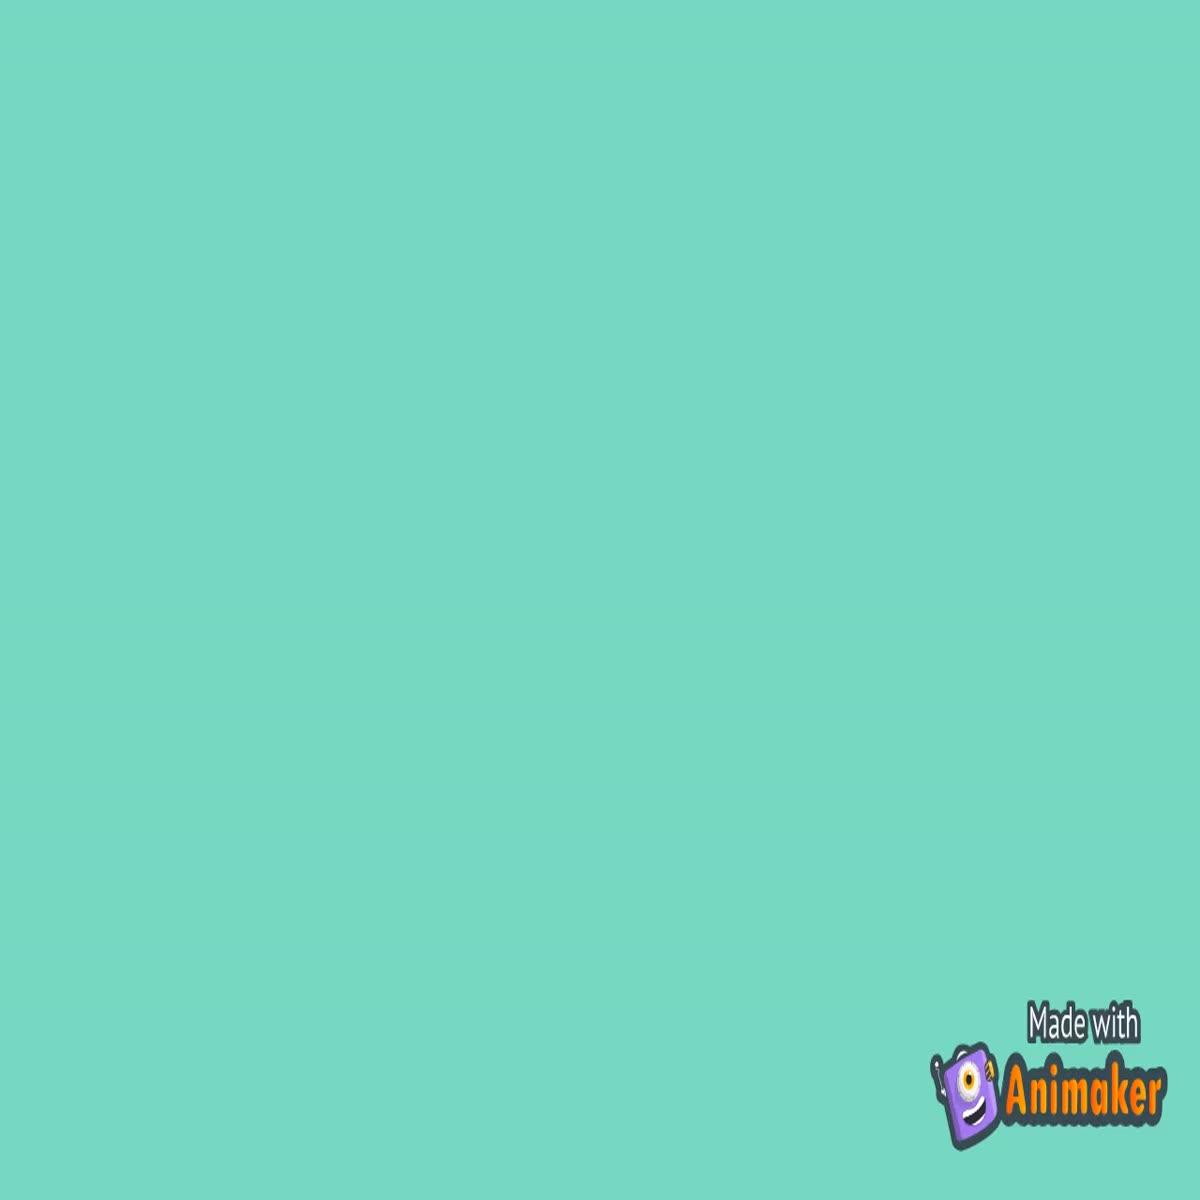 I will make short animated videos.